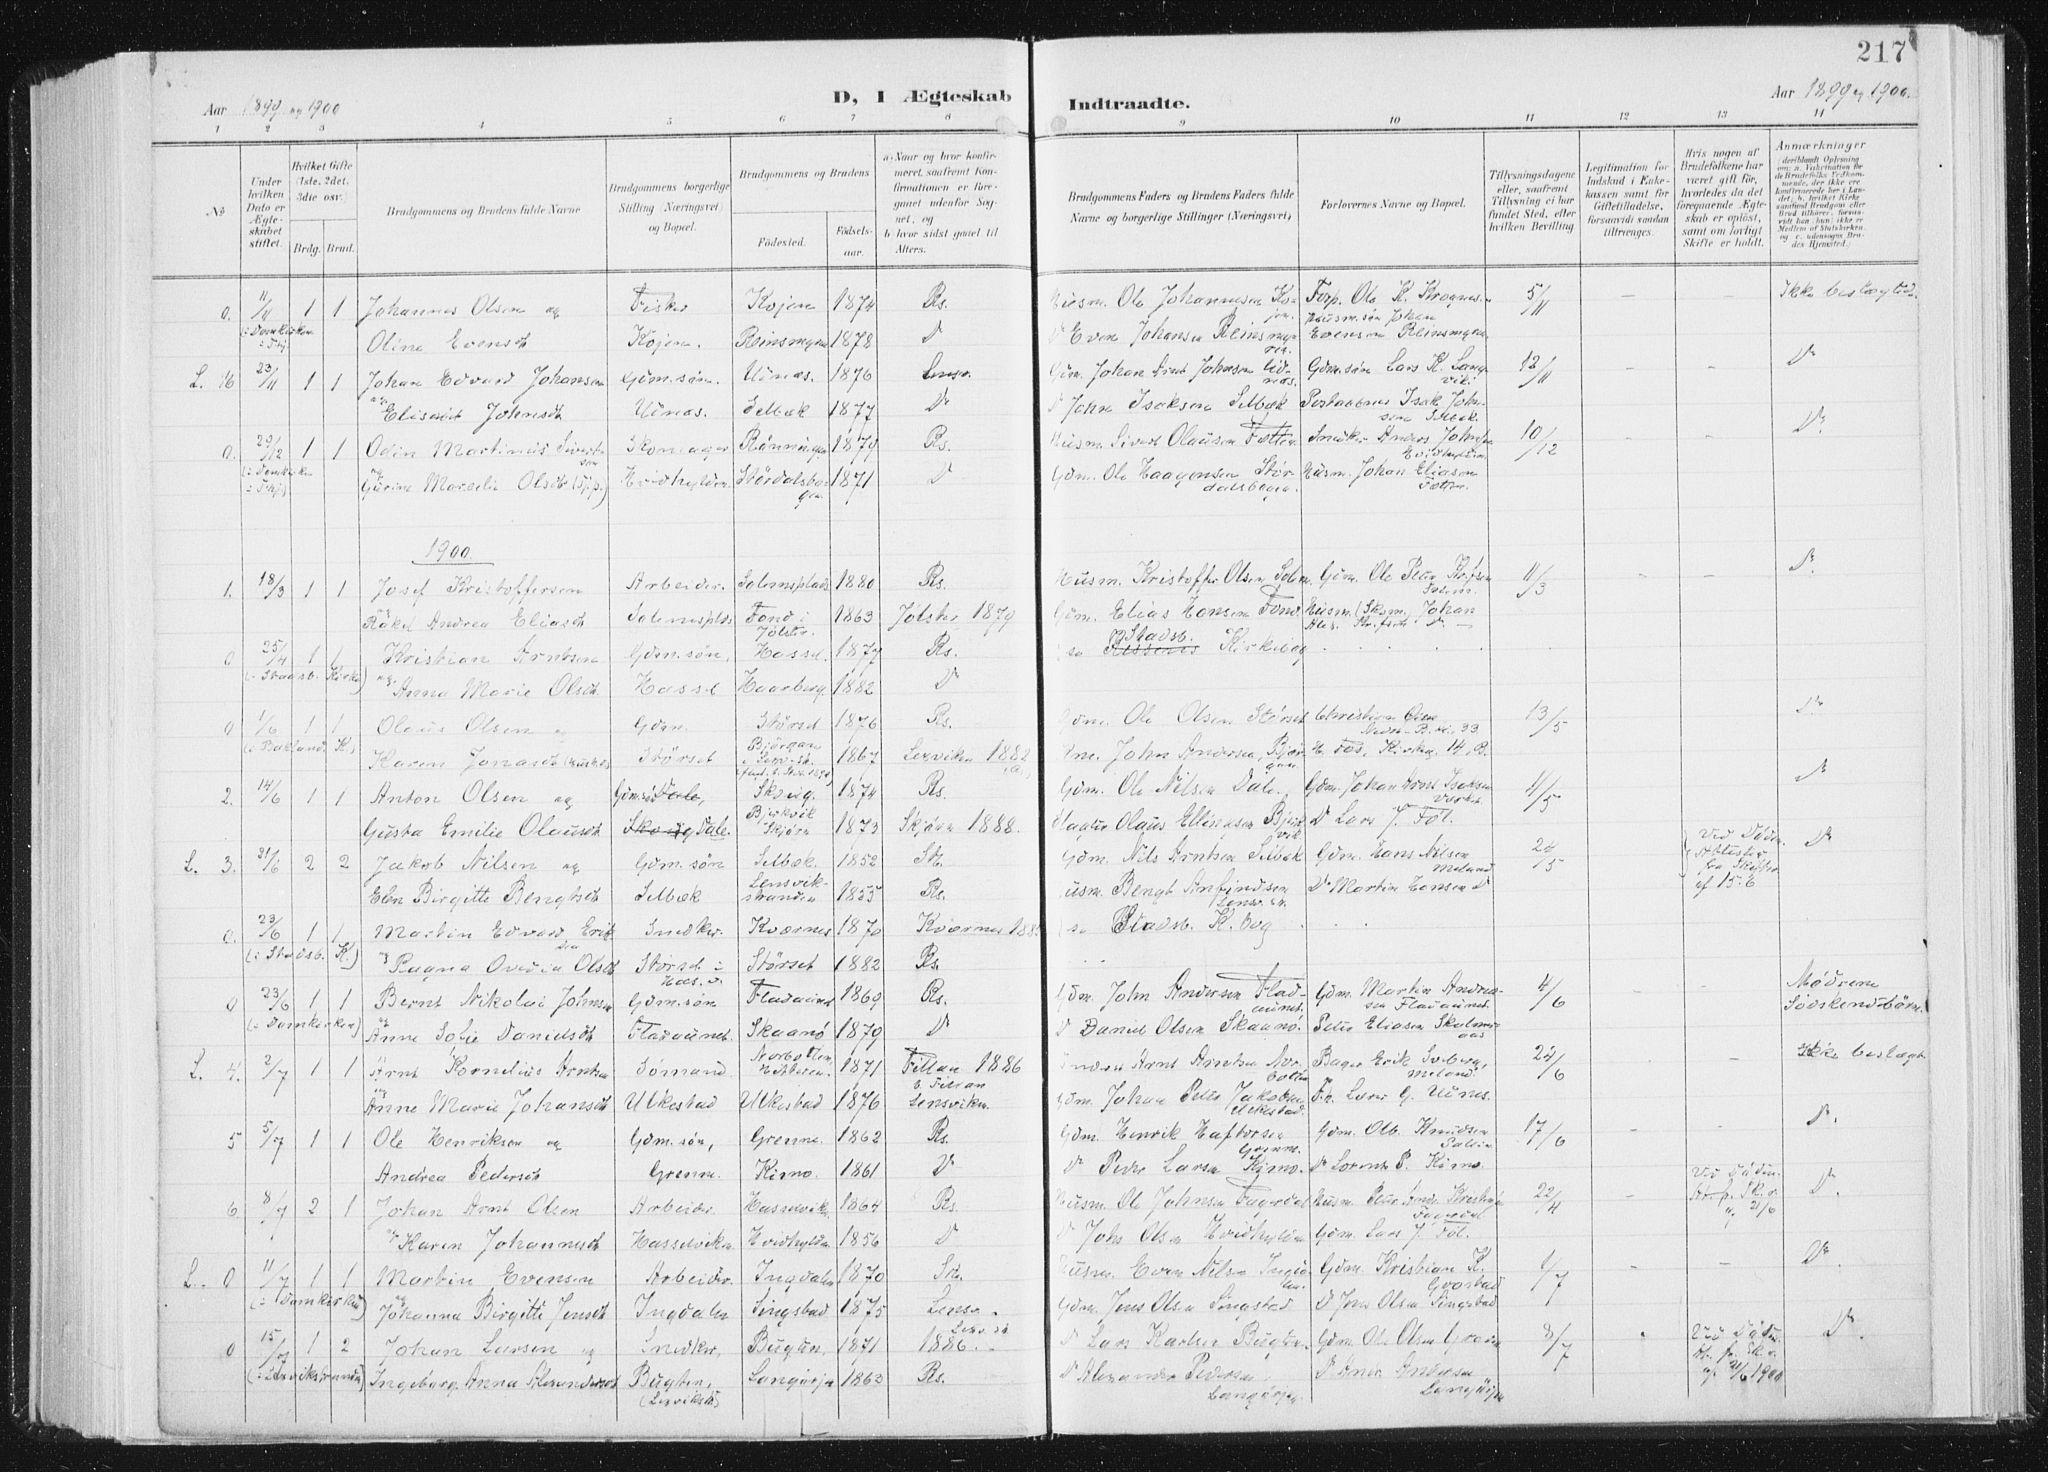 SAT, Ministerialprotokoller, klokkerbøker og fødselsregistre - Sør-Trøndelag, 647/L0635: Ministerialbok nr. 647A02, 1896-1911, s. 217